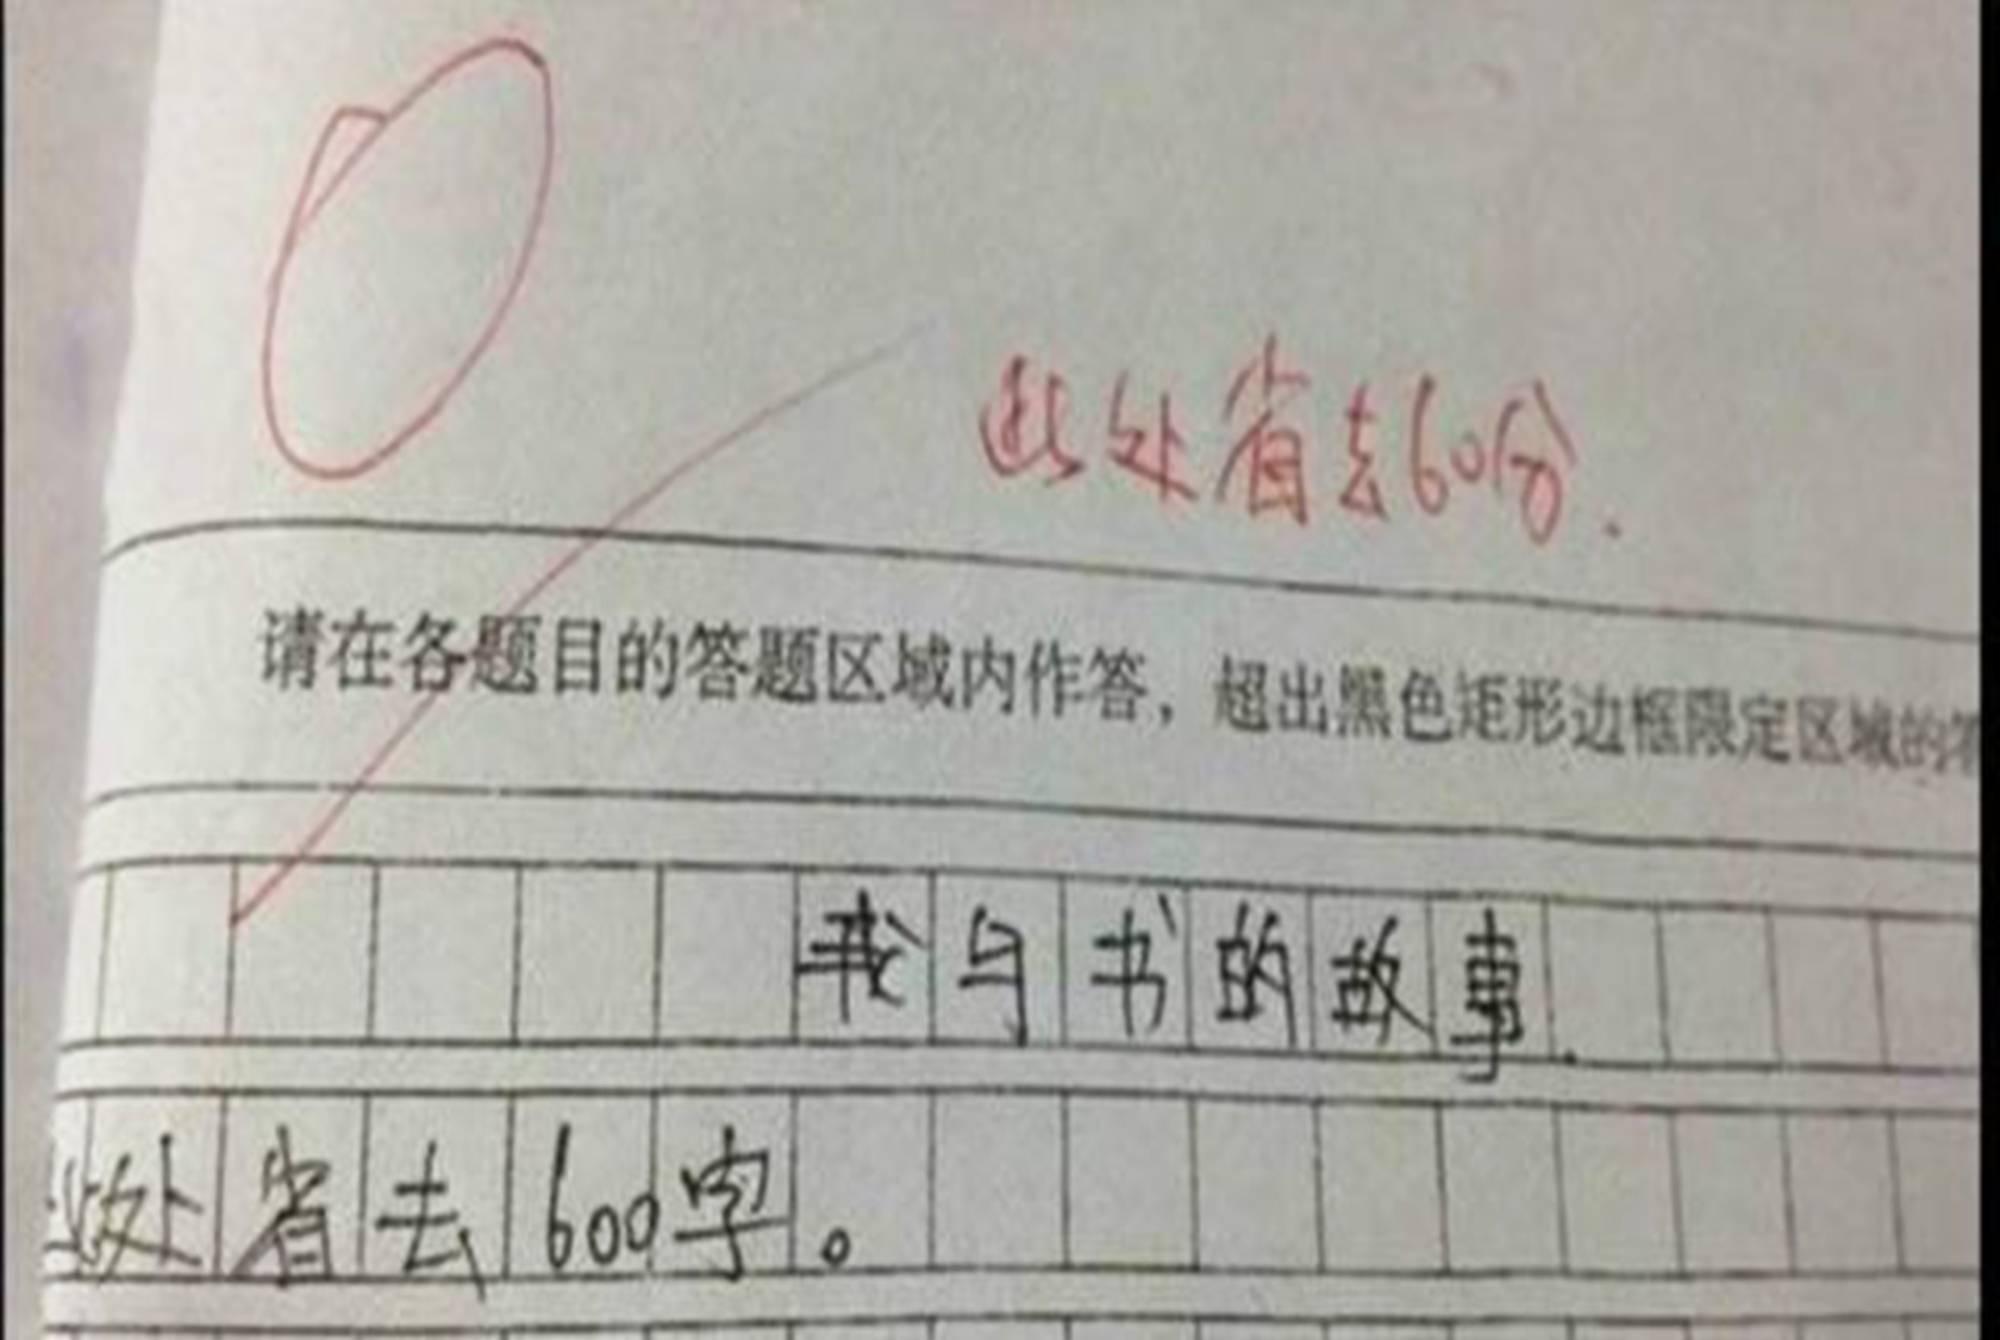 写景散文 中学生【精选3篇】 优美散文300字摘抄